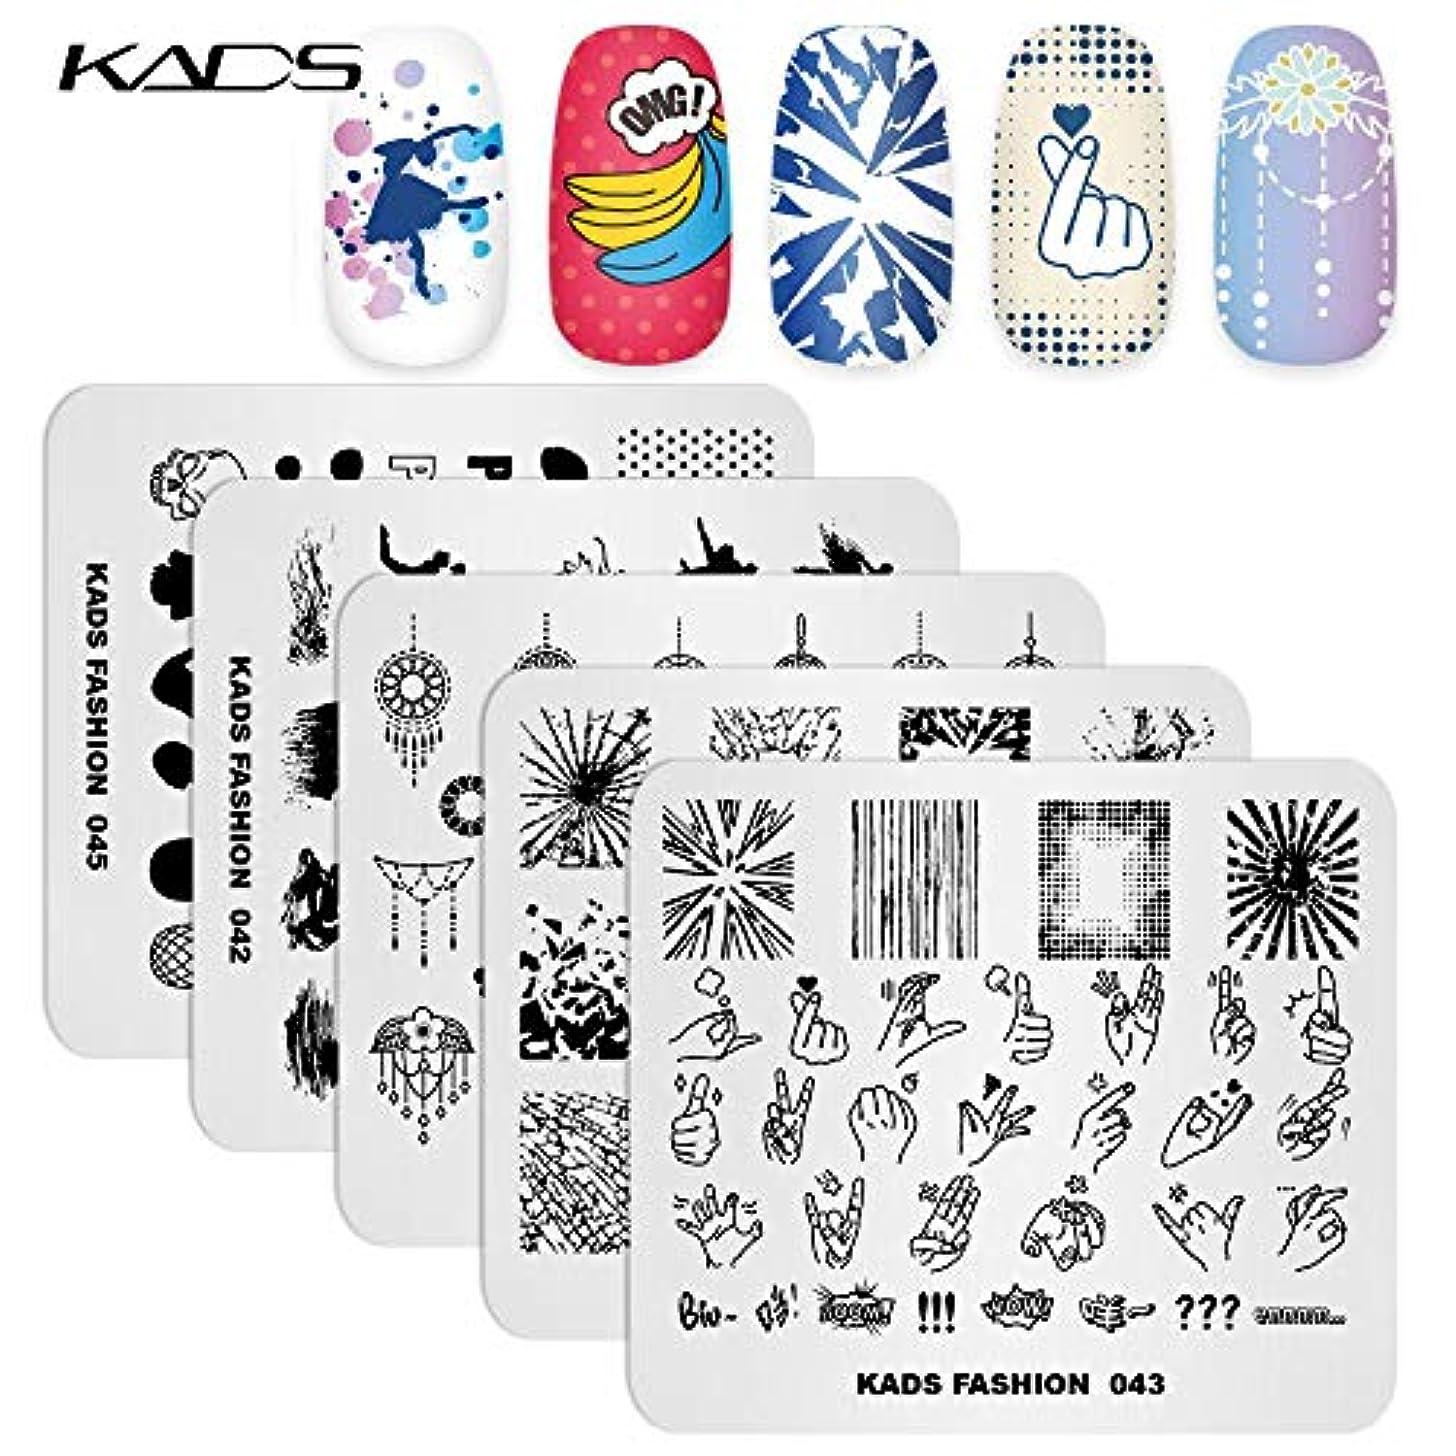 司法アテンダント悲観主義者KADS ネイルスタンピングプレートセット 美しい踊り子/不規則図案など 5枚セット ネイルステンシル ネイルアートツール ネイルデザイン用品 (セット6)